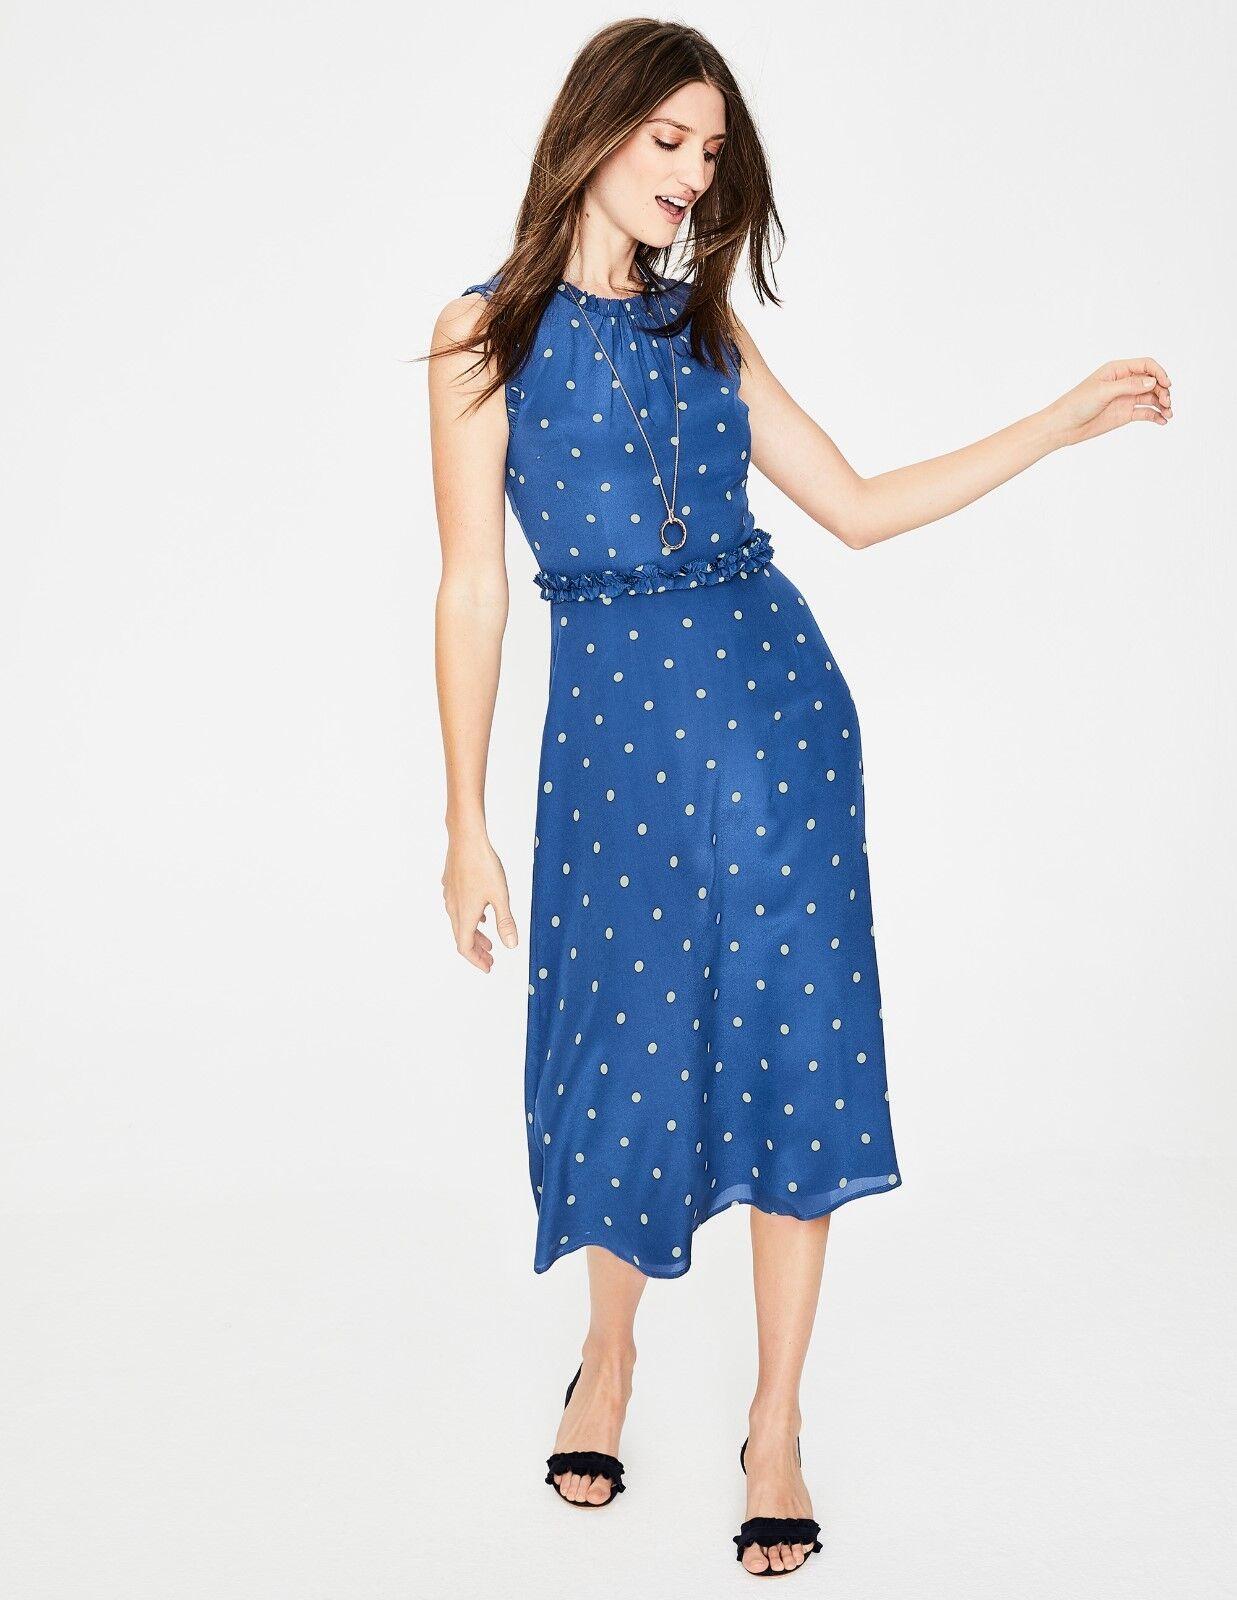 Boden Effie Silk Dress Opulent Blau Spot Größe 16 Long RRP